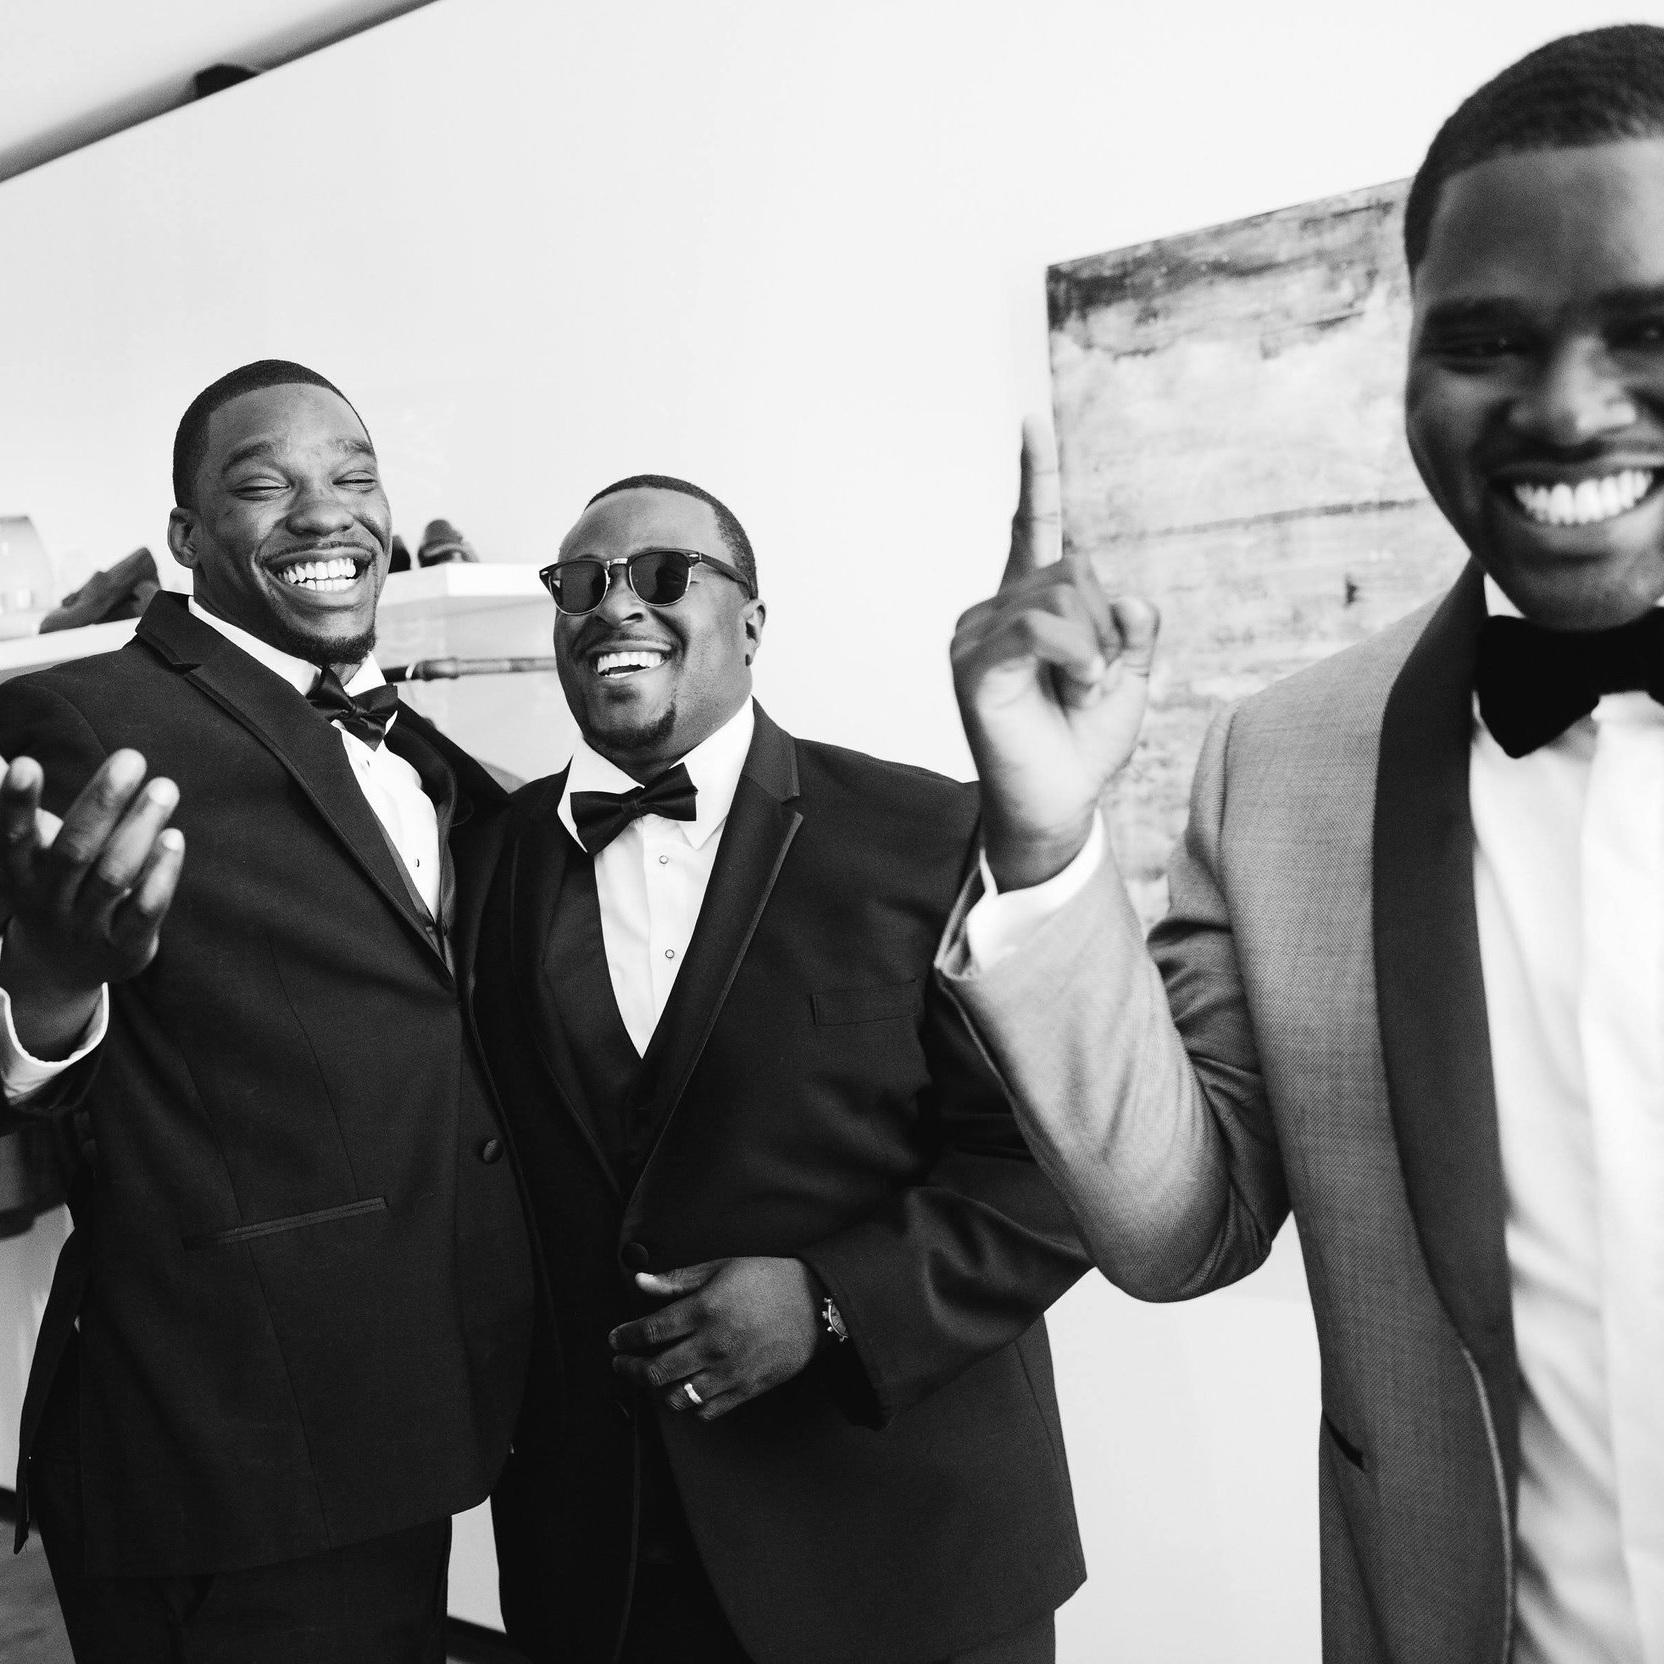 damari-savile-groomsmen.jpg